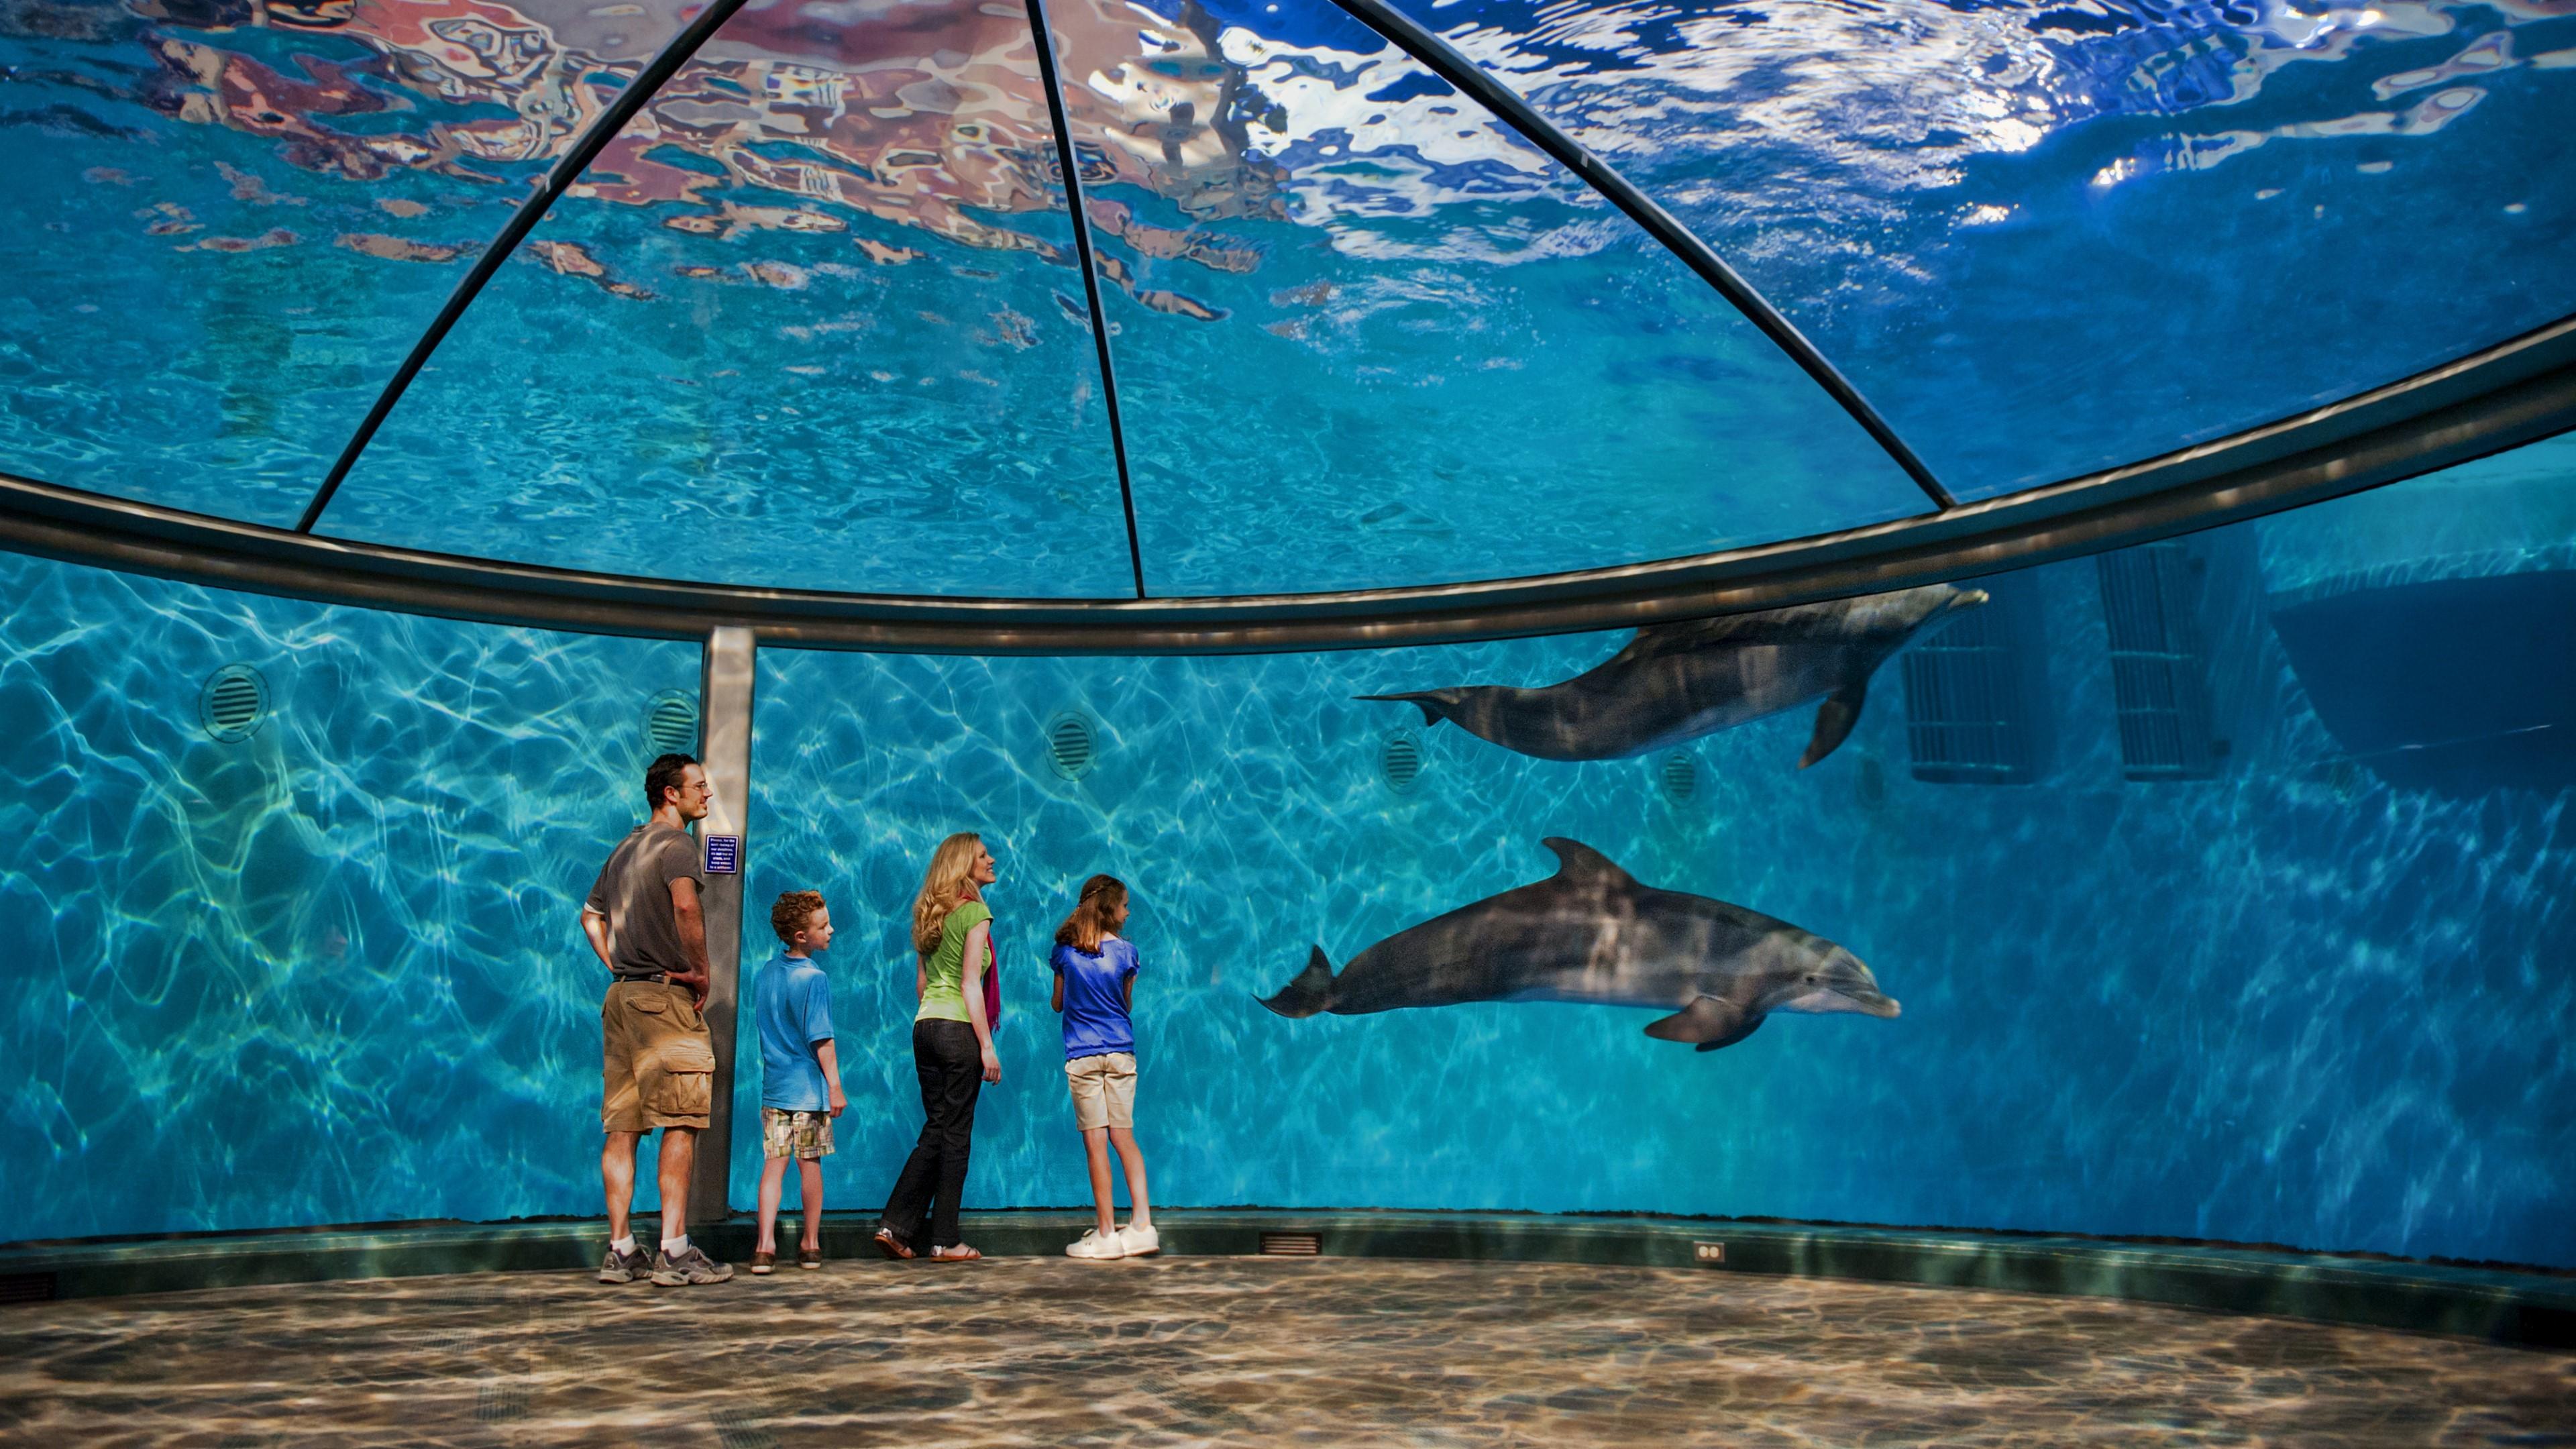 Fondos de pantalla Delfines del zoológico de Indianapolis